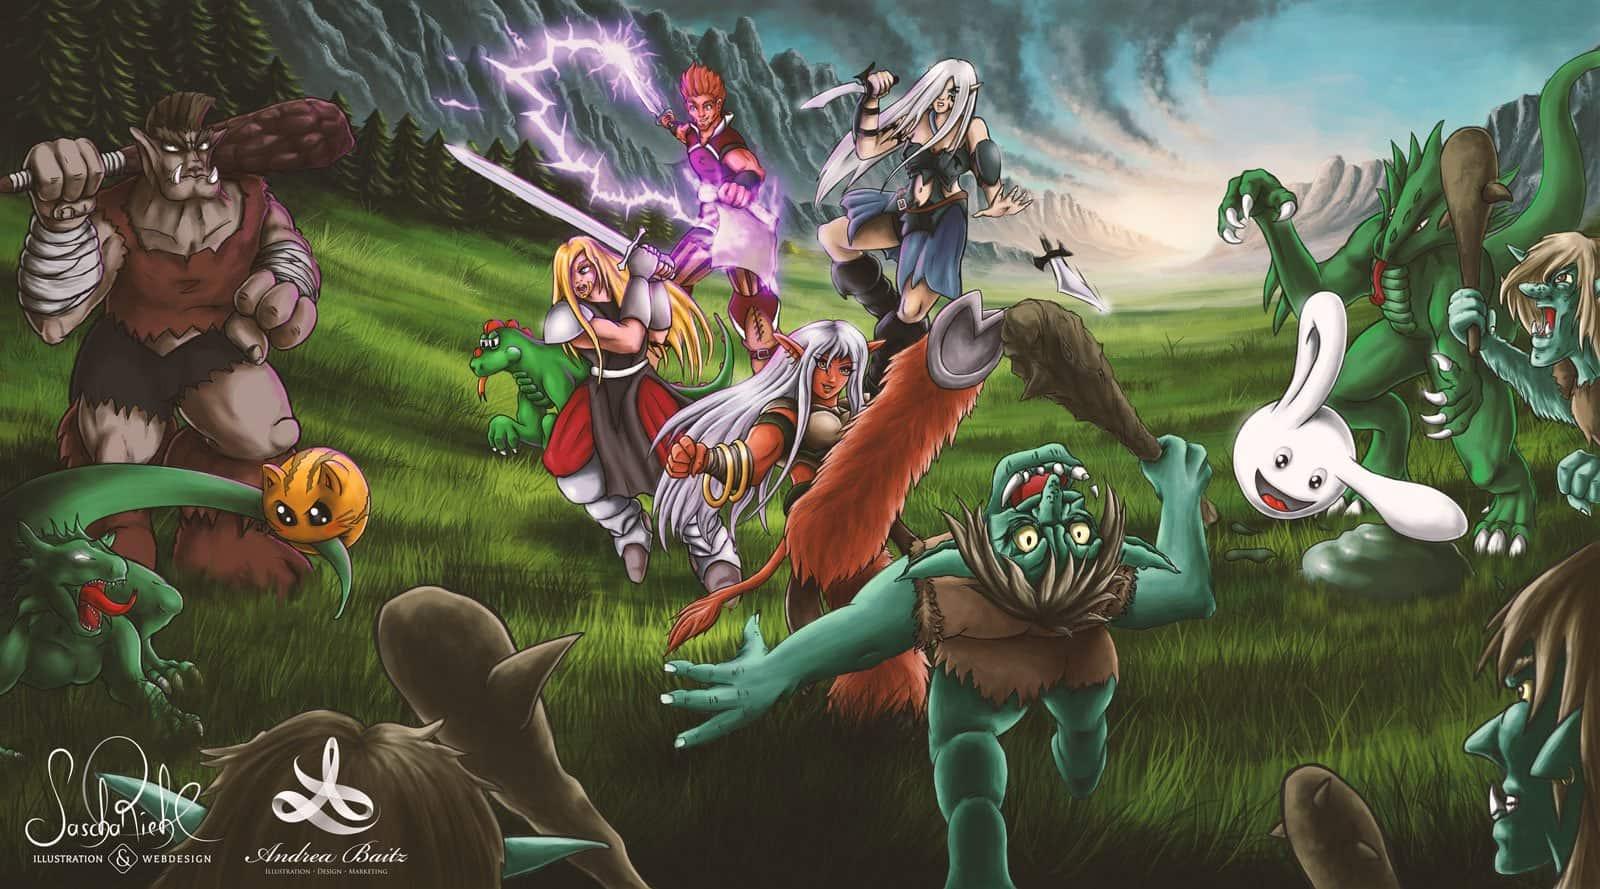 Die Große Schlacht - Illustration von Andrea Baitz und Sascha Riehl